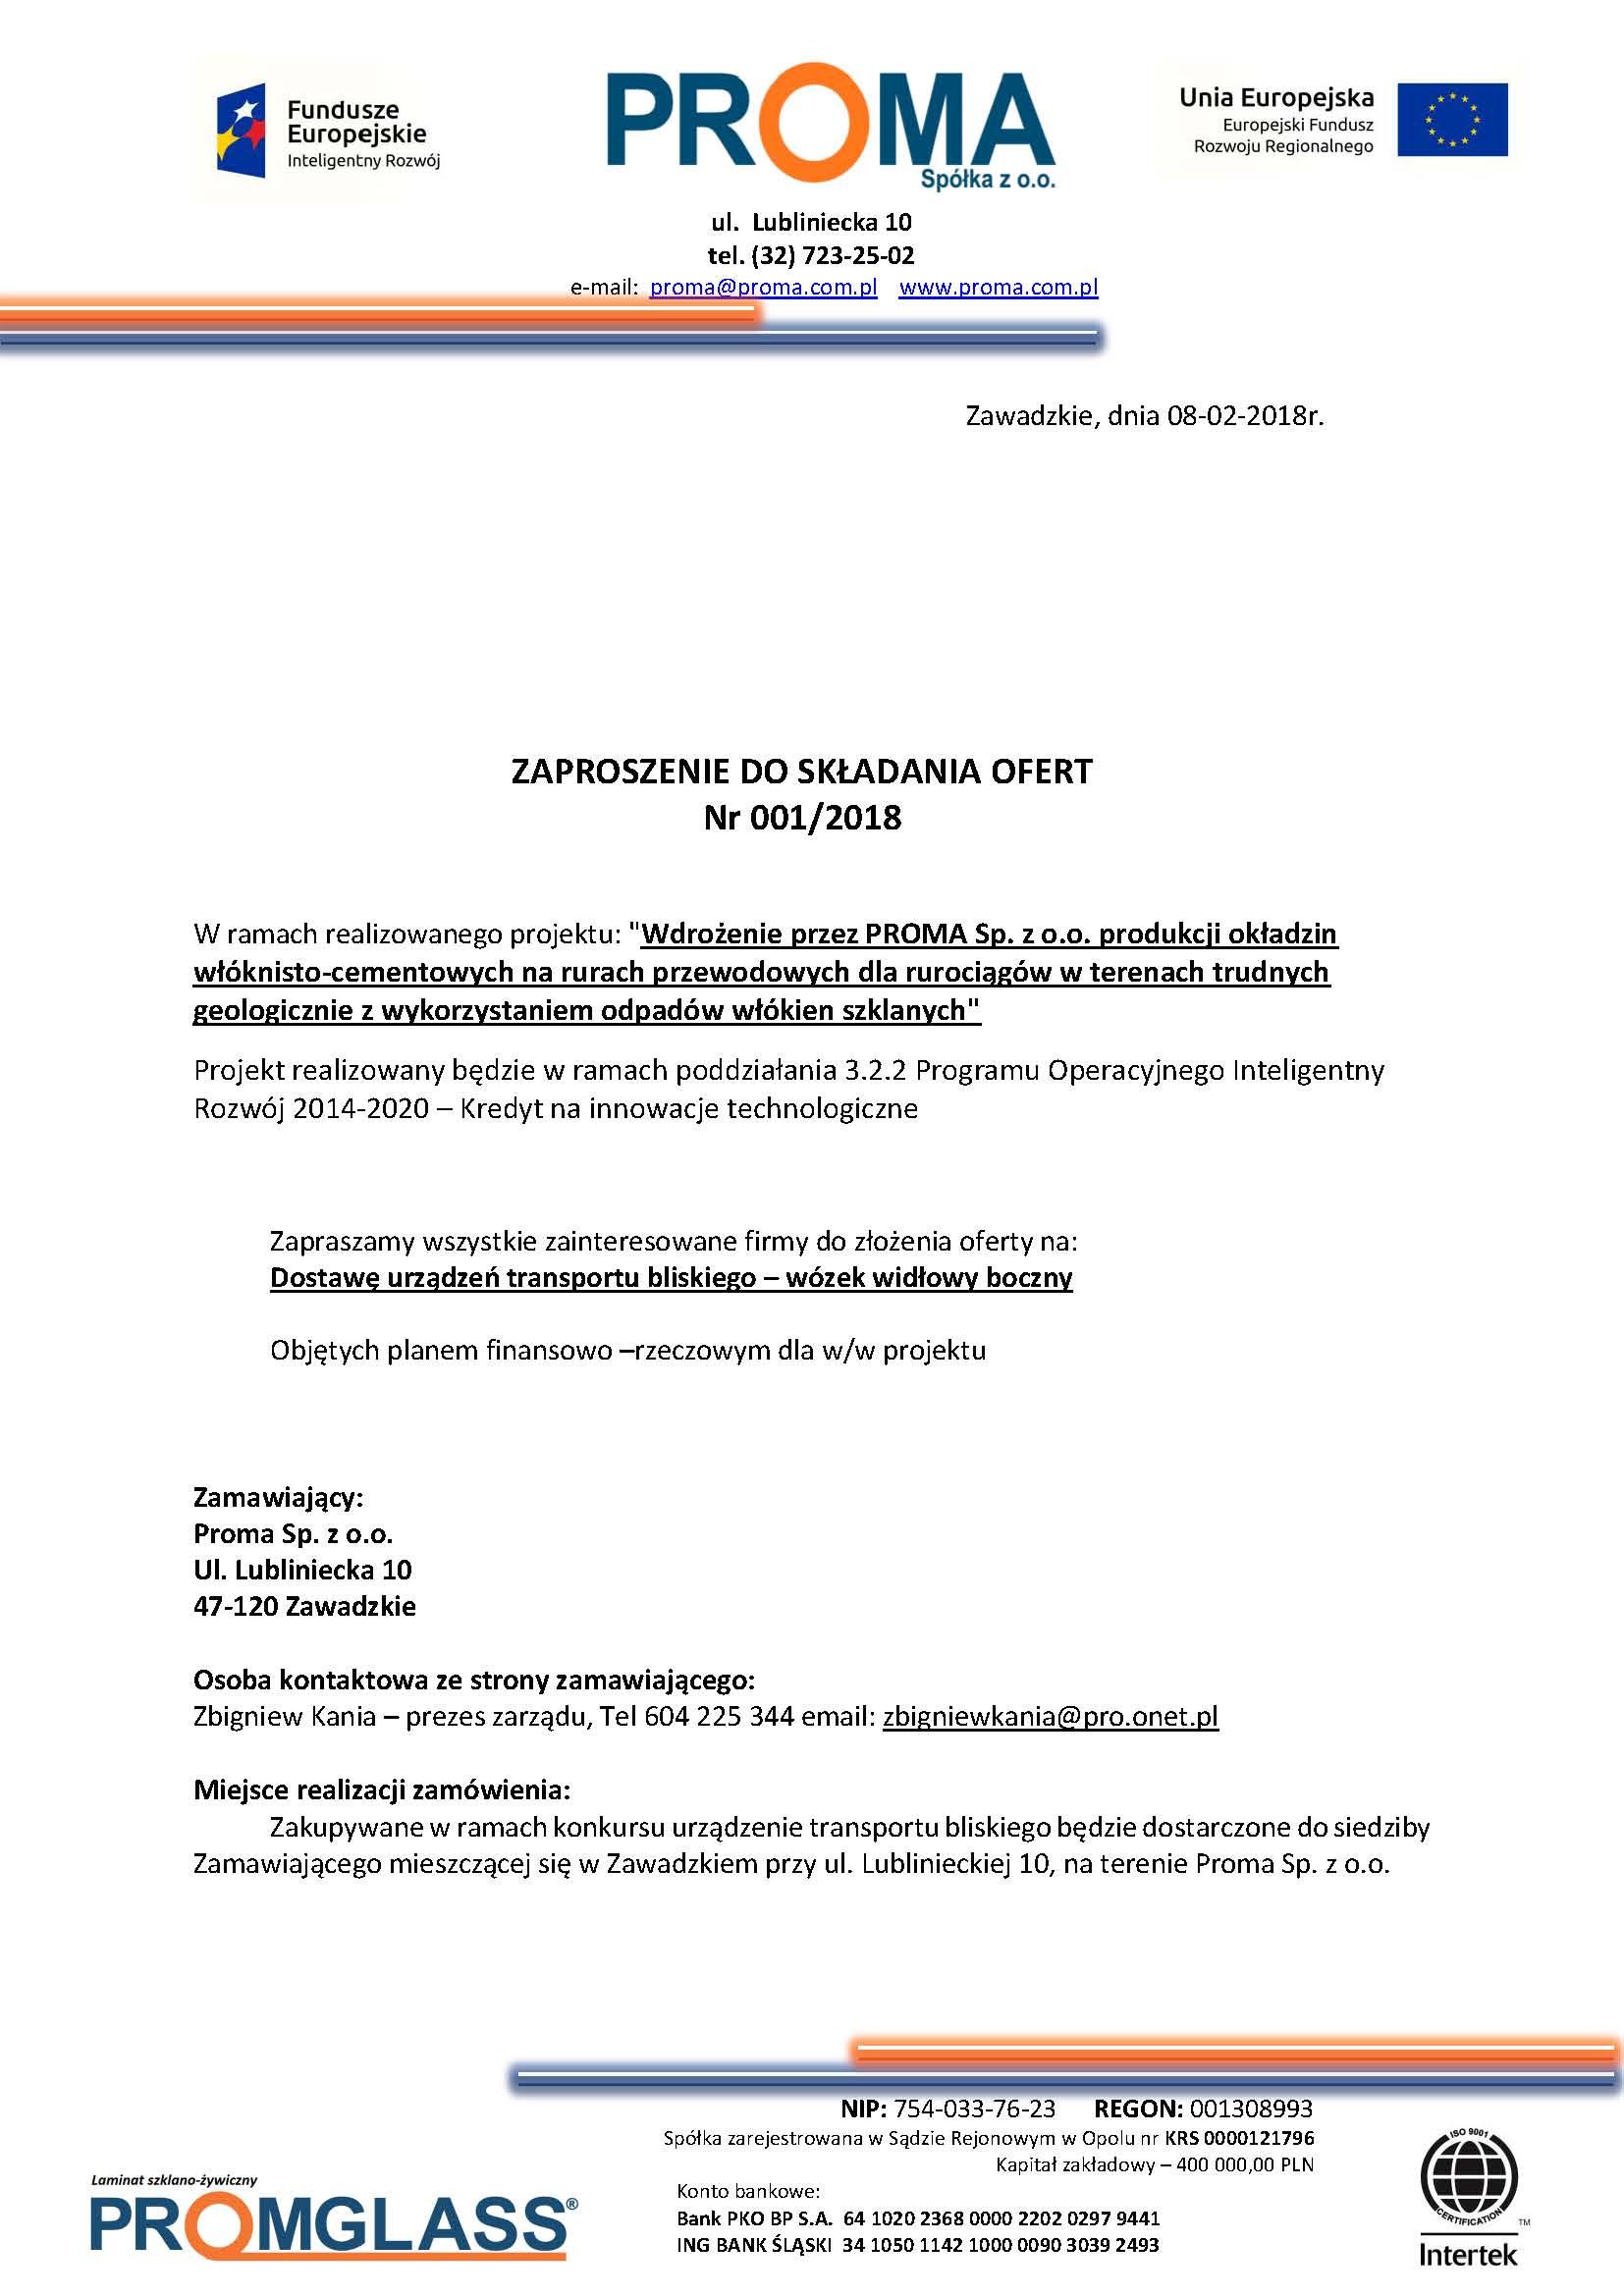 ZAPYTANIE_OFERTOWE_001_2018_Strona_1